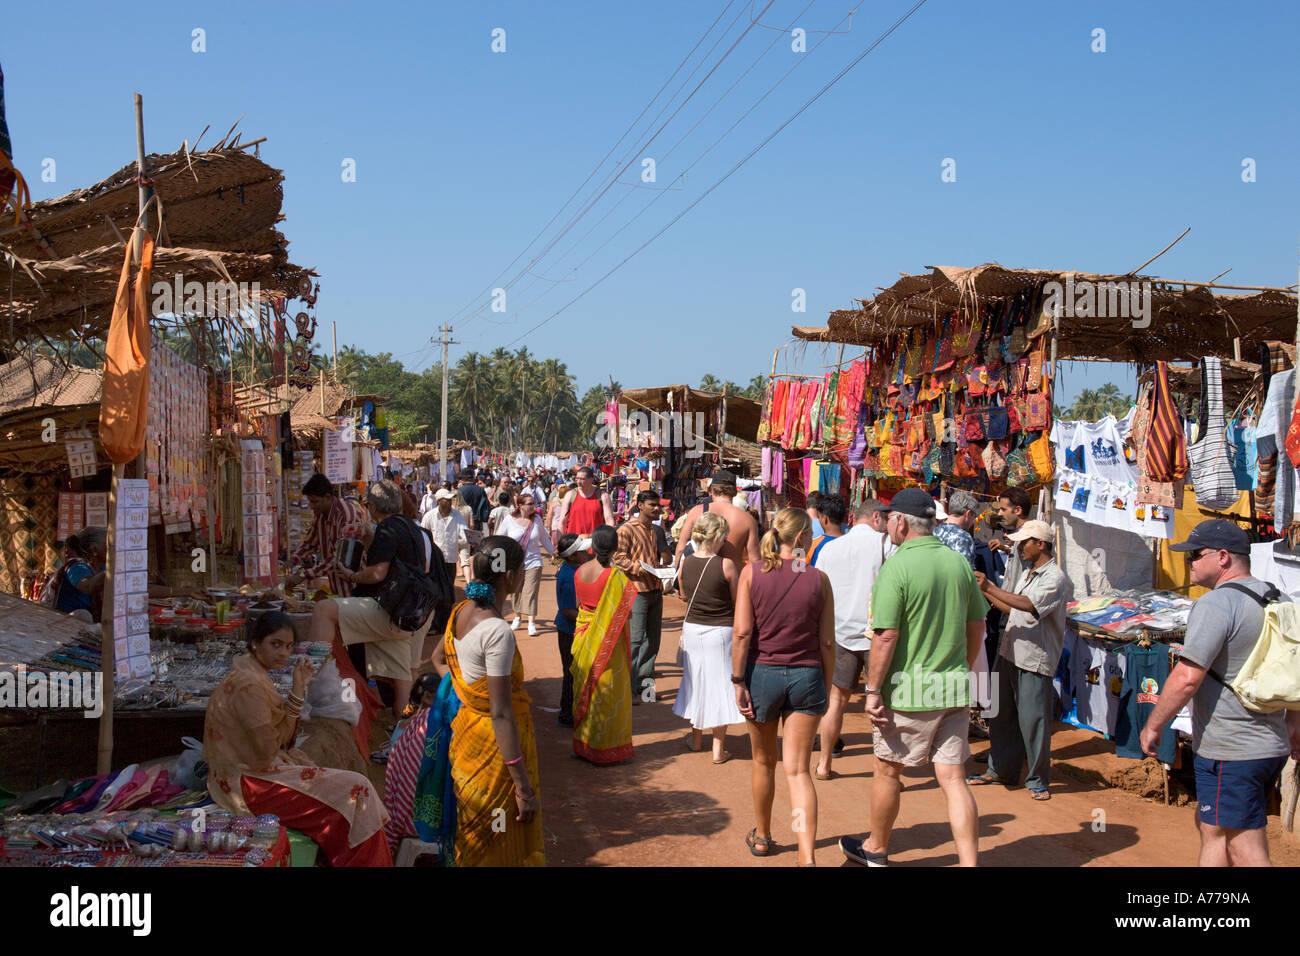 Flea Market, Anjuna Beach, North Goa, Goa, India - Stock Image